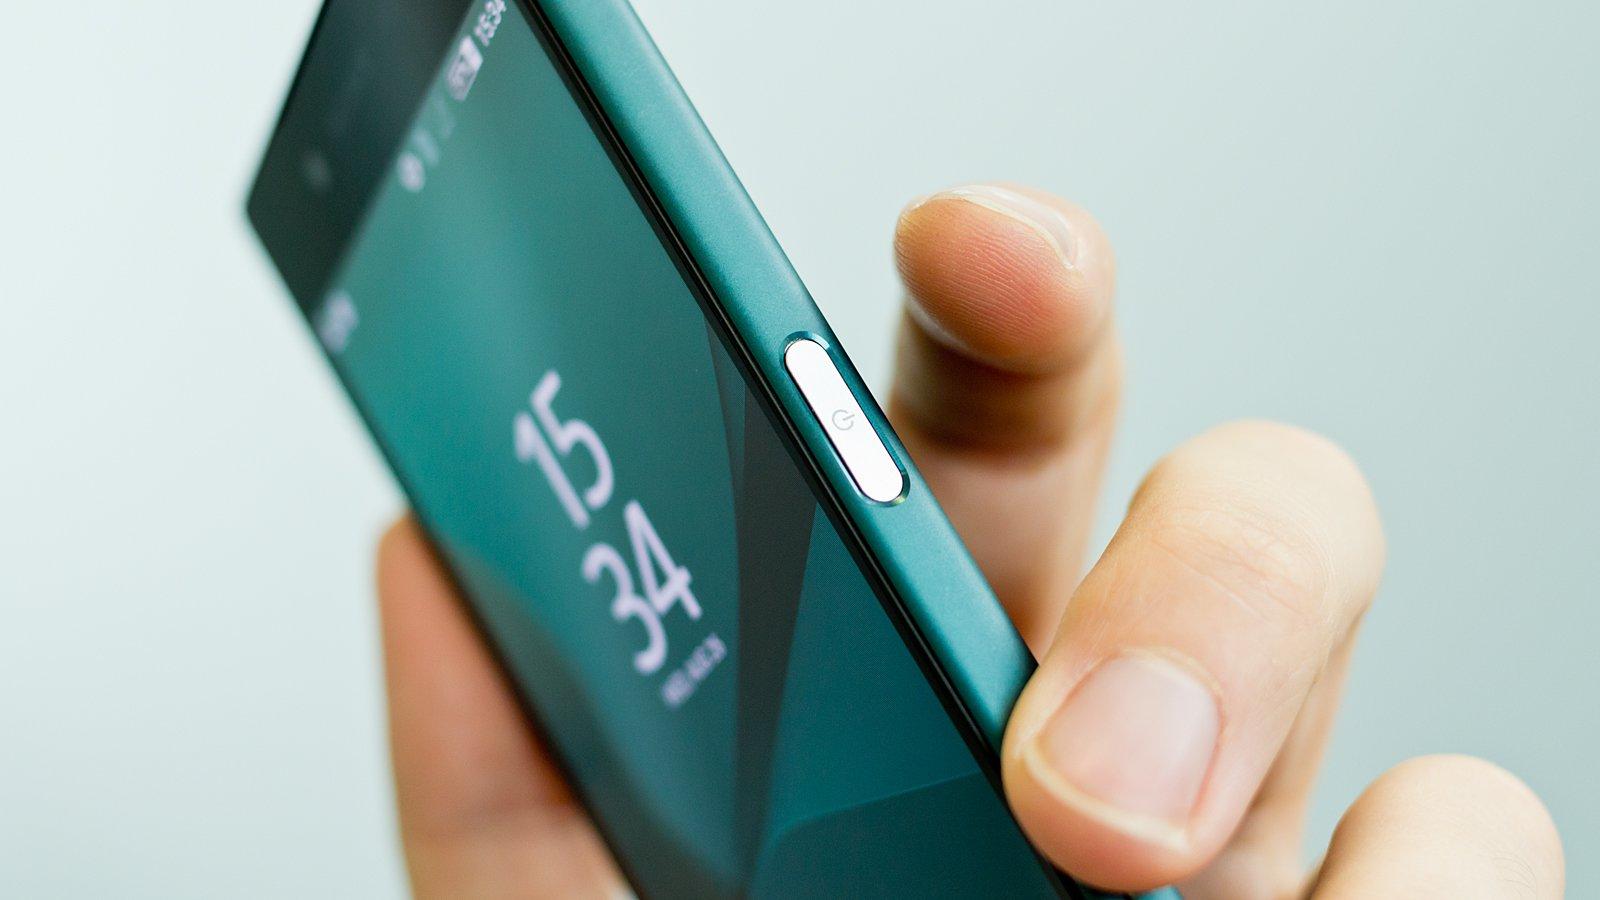 Sony Xperia Z5 tranche